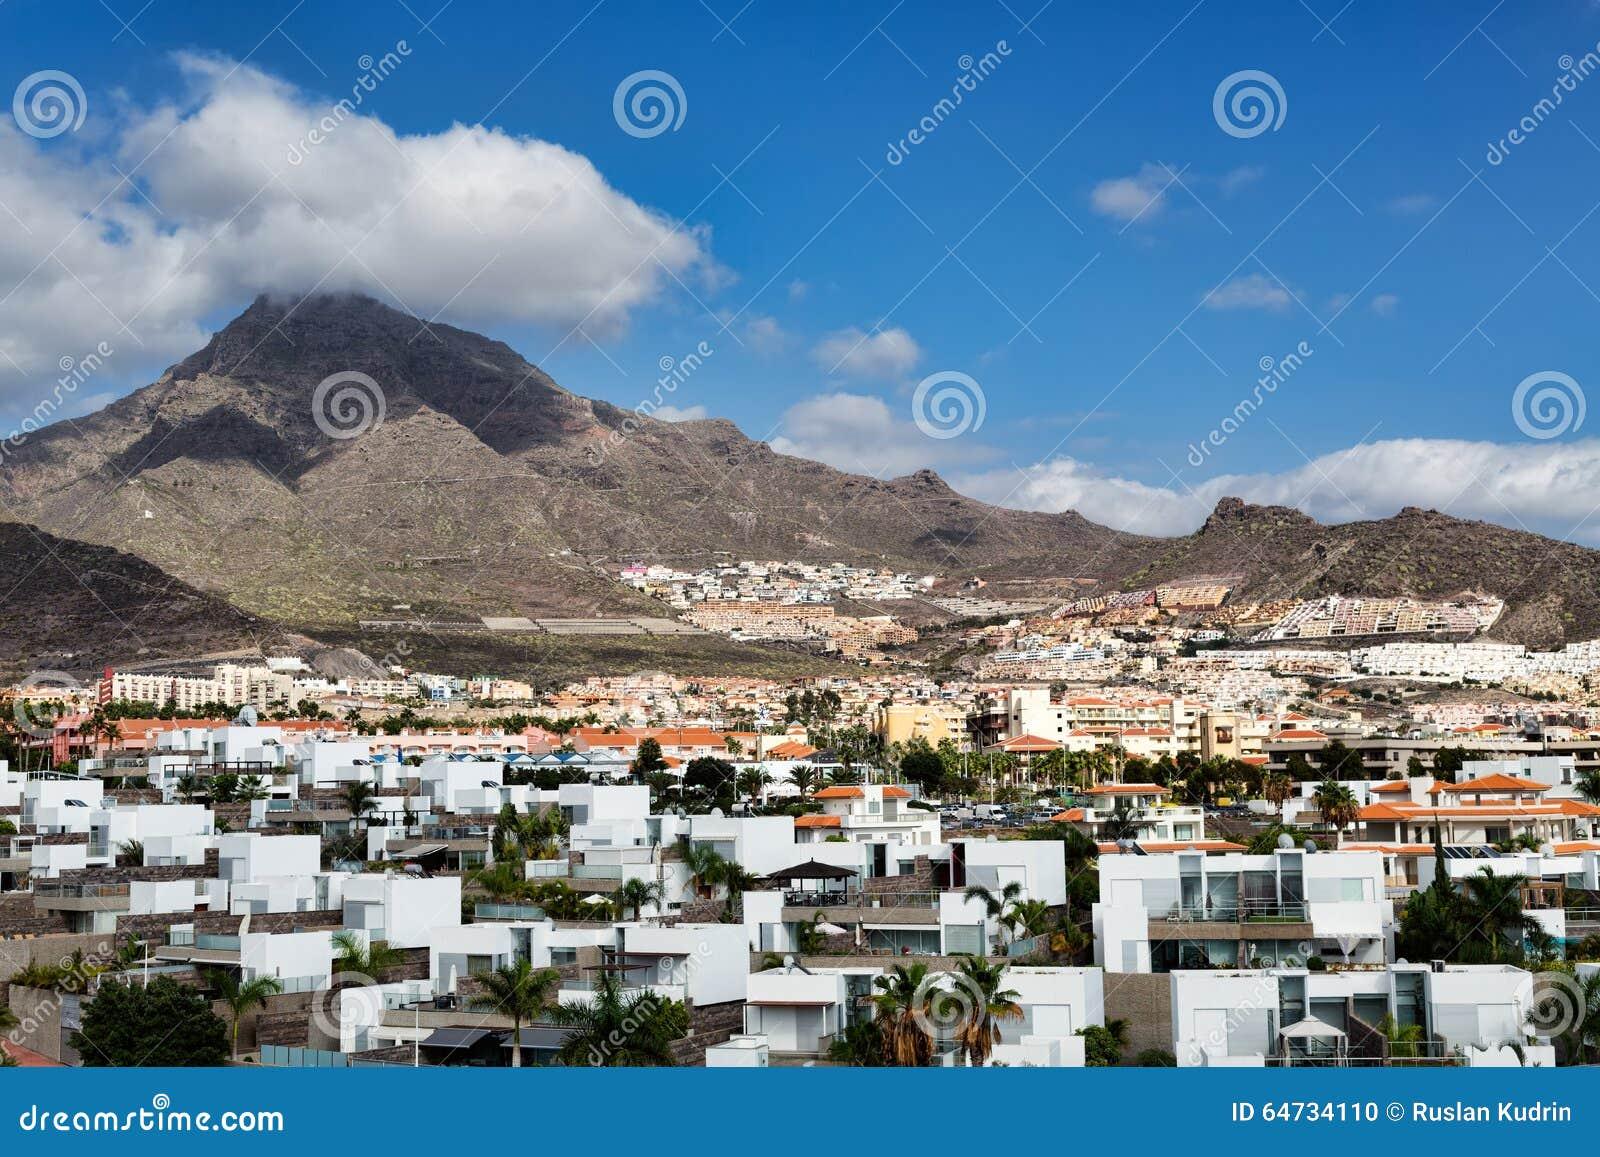 Città dalle isole Canarie vulcaniche